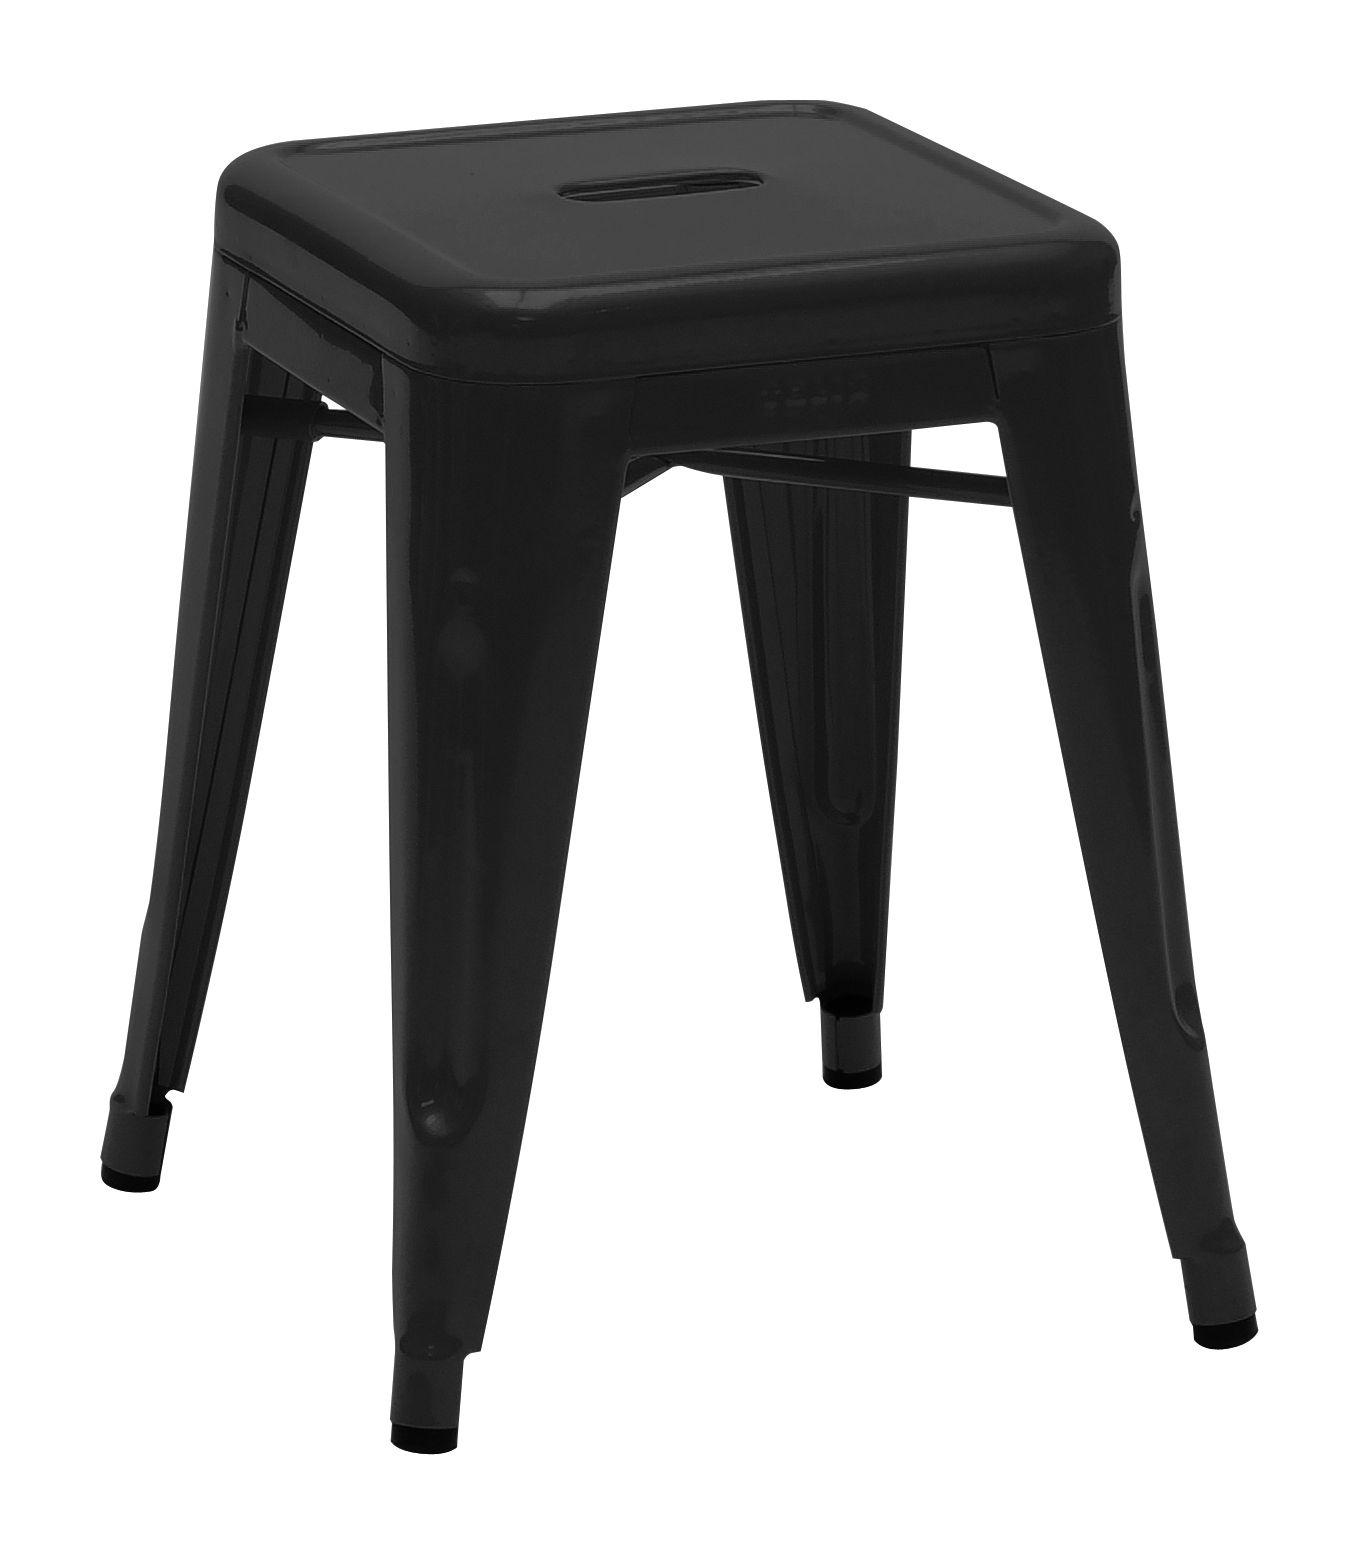 Mobilier - Tabourets bas - Tabouret empilable H / H 45 cm - Couleur brillante - Intérieur - Tolix - Noir - Acier recyclé laqué